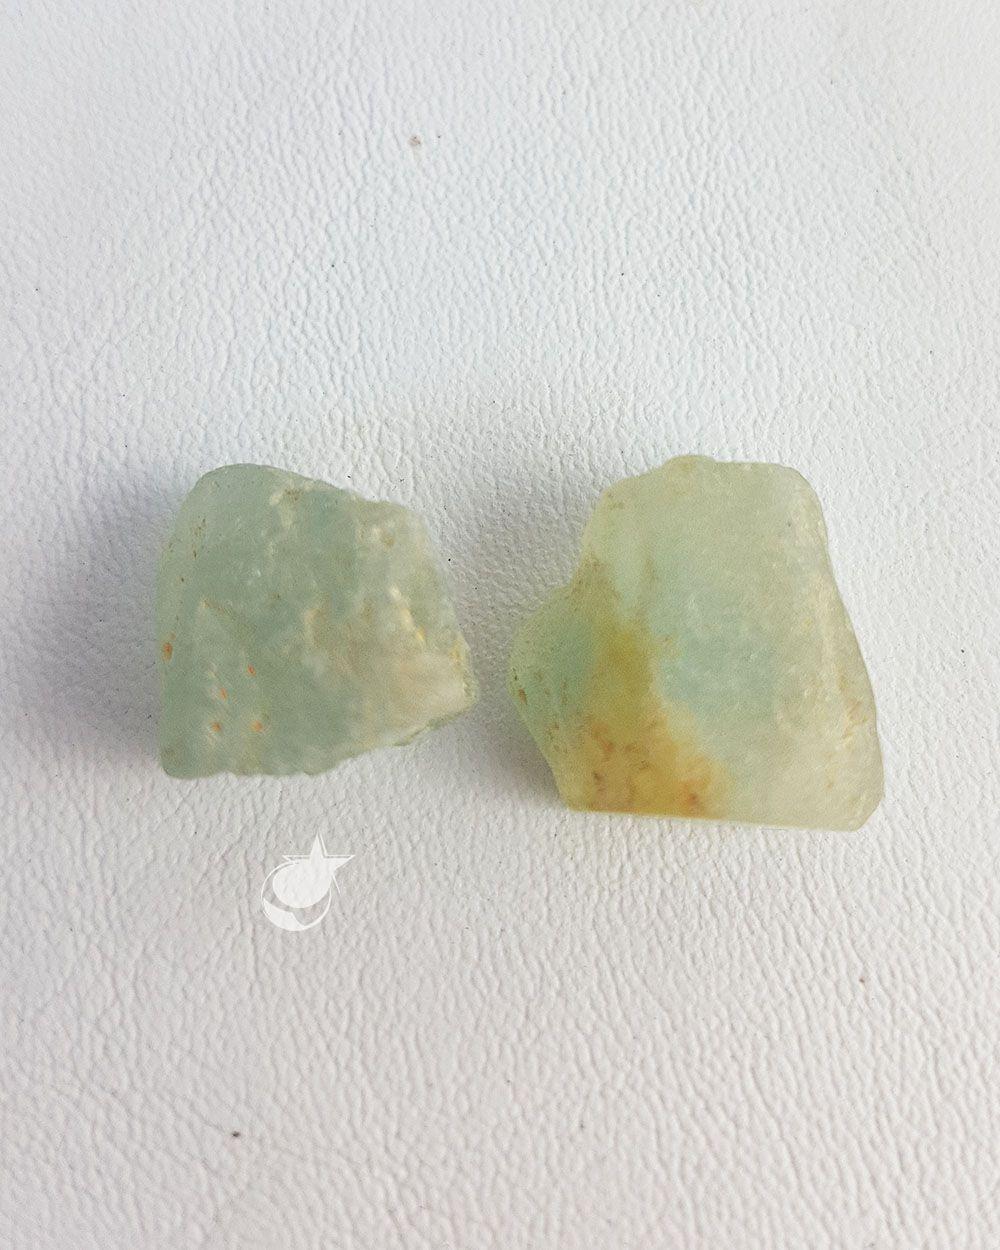 TOPÁZIO AZUL BRUTO - PACOTE COM 10g (2 a 4 pedras)